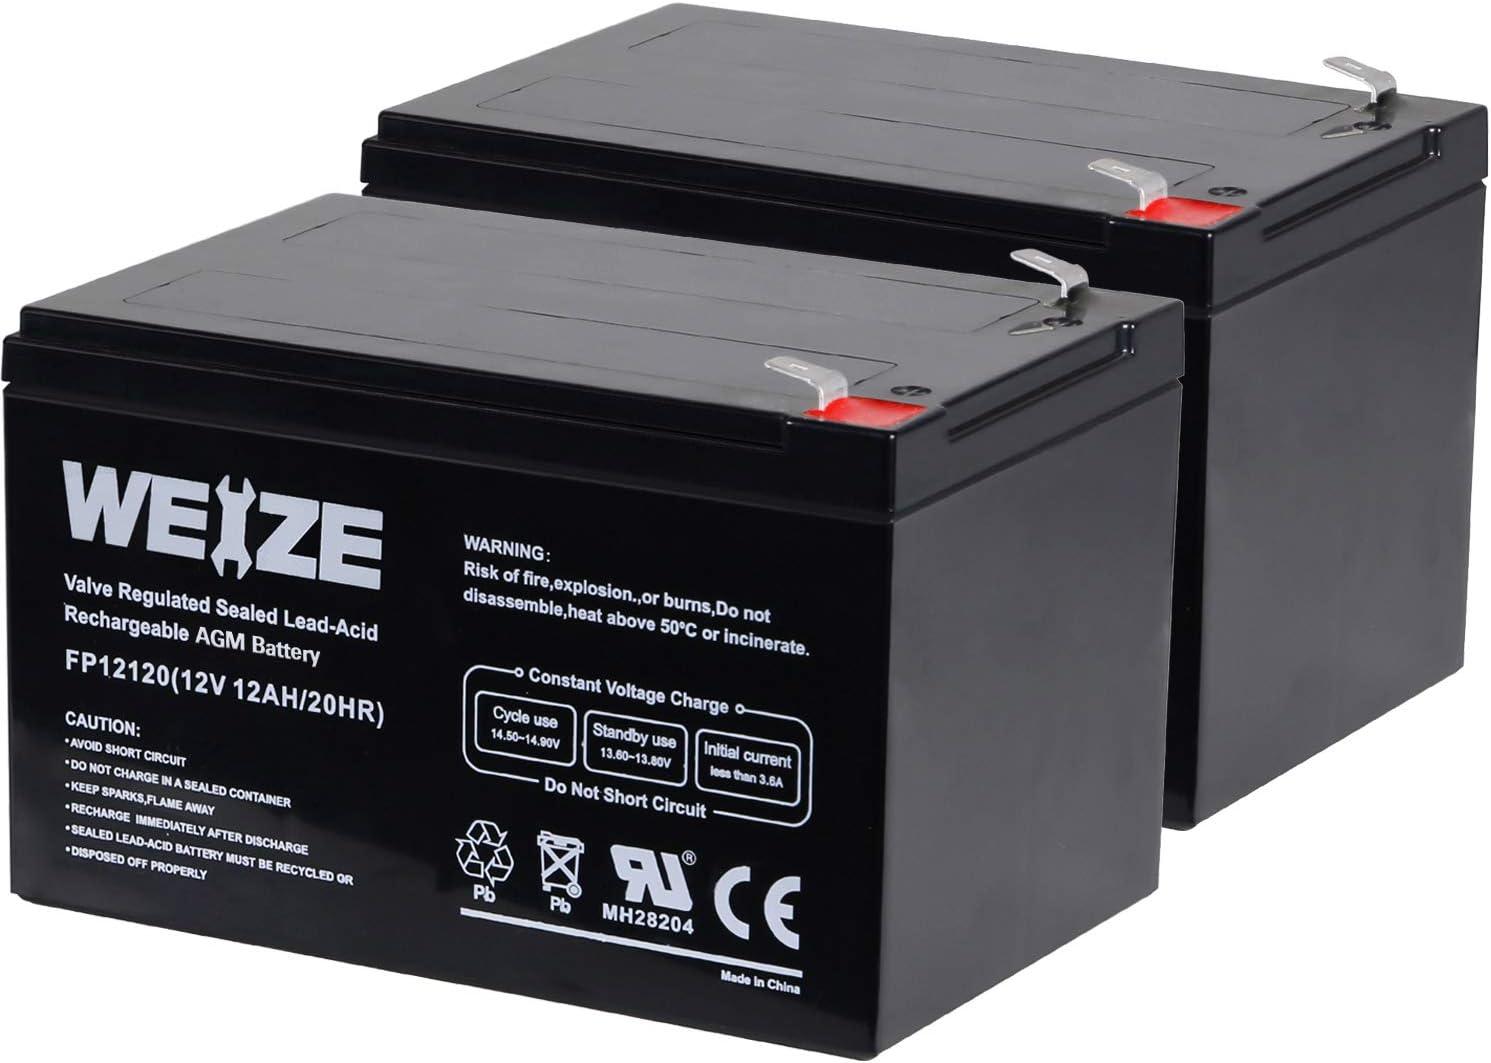 Weize 12 Volt 12AH SLA Rechargeable Battery Replace UB12120, EXP1212, 6FM12,...